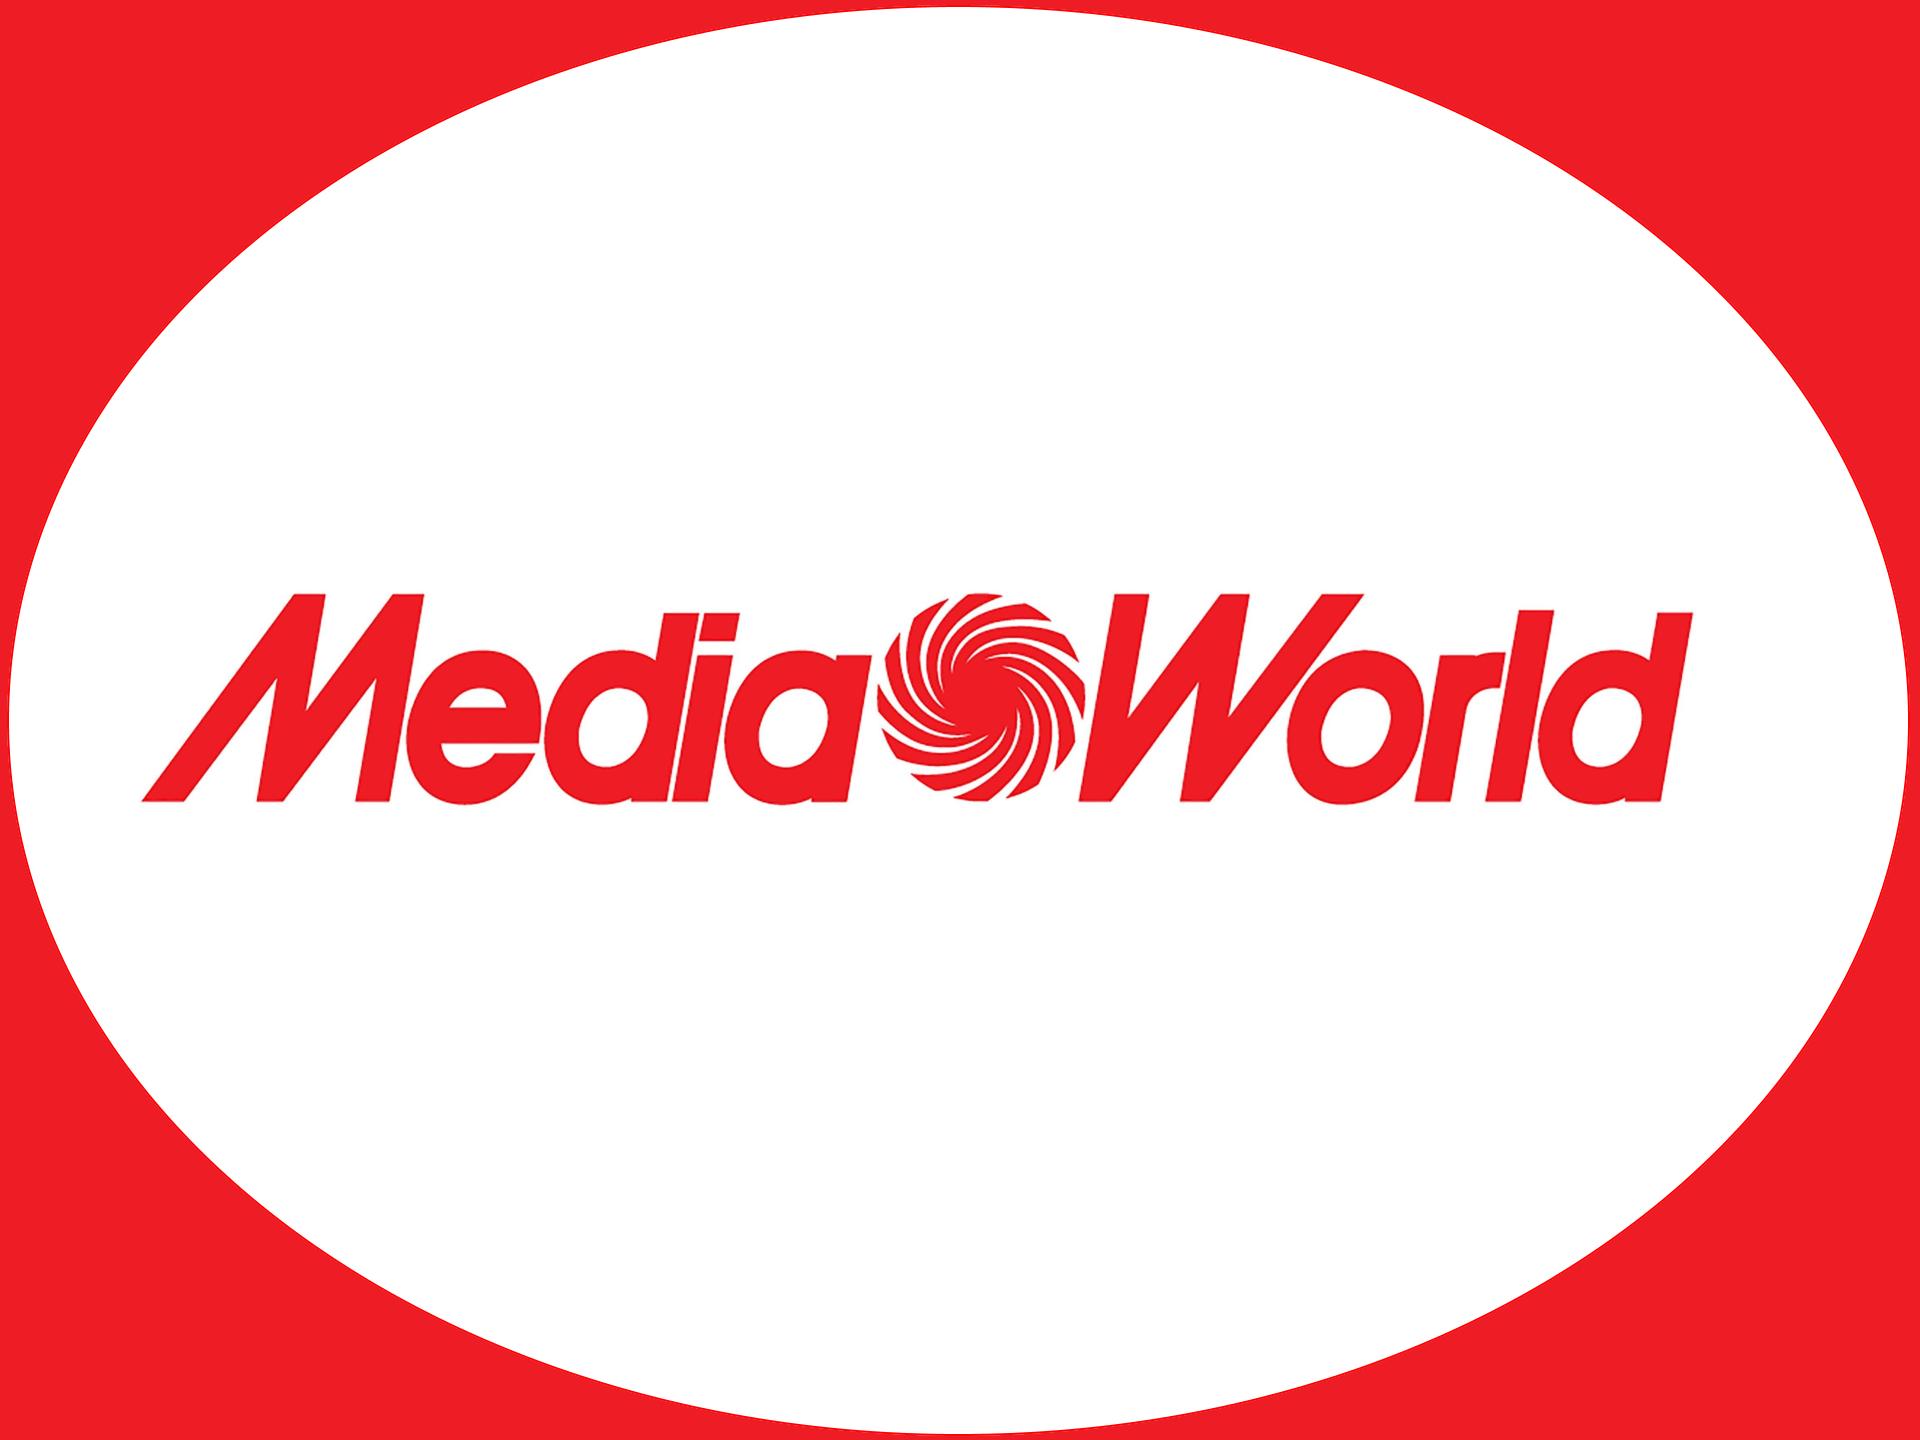 Mediaworld lancia i Mega Sconti: una settimana di offerte im